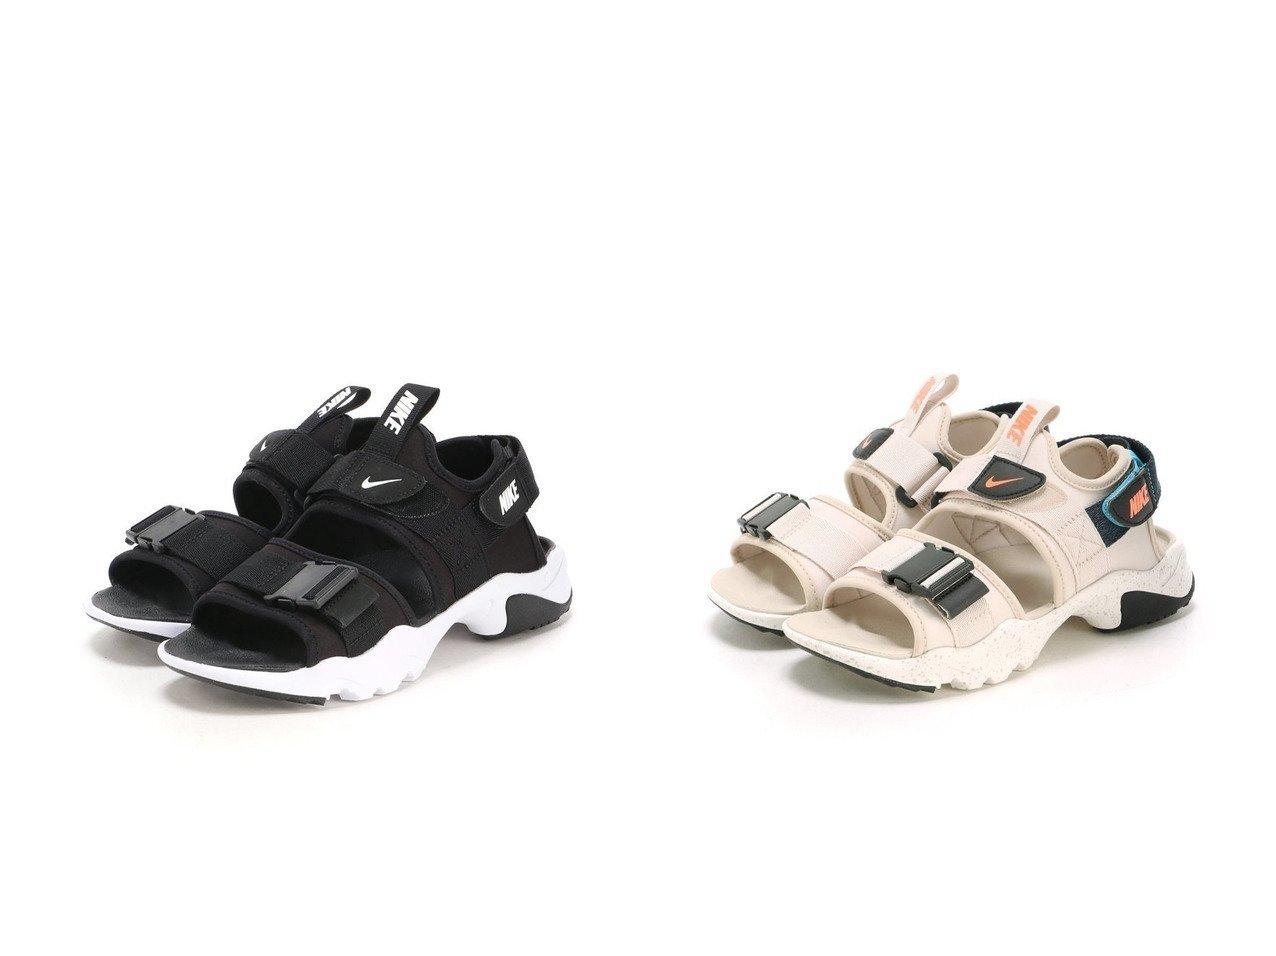 【NIKE/ナイキ】のNIKE CA SANDAL 【シューズ・靴】おすすめ!人気トレンド・レディースファッション通販 おすすめで人気の流行・トレンド、ファッションの通販商品 インテリア・家具・メンズファッション・キッズファッション・レディースファッション・服の通販 founy(ファニー) https://founy.com/ ファッション Fashion レディースファッション WOMEN NEW・新作・新着・新入荷 New Arrivals サンダル シューズ ミュール |ID:crp329100000052949